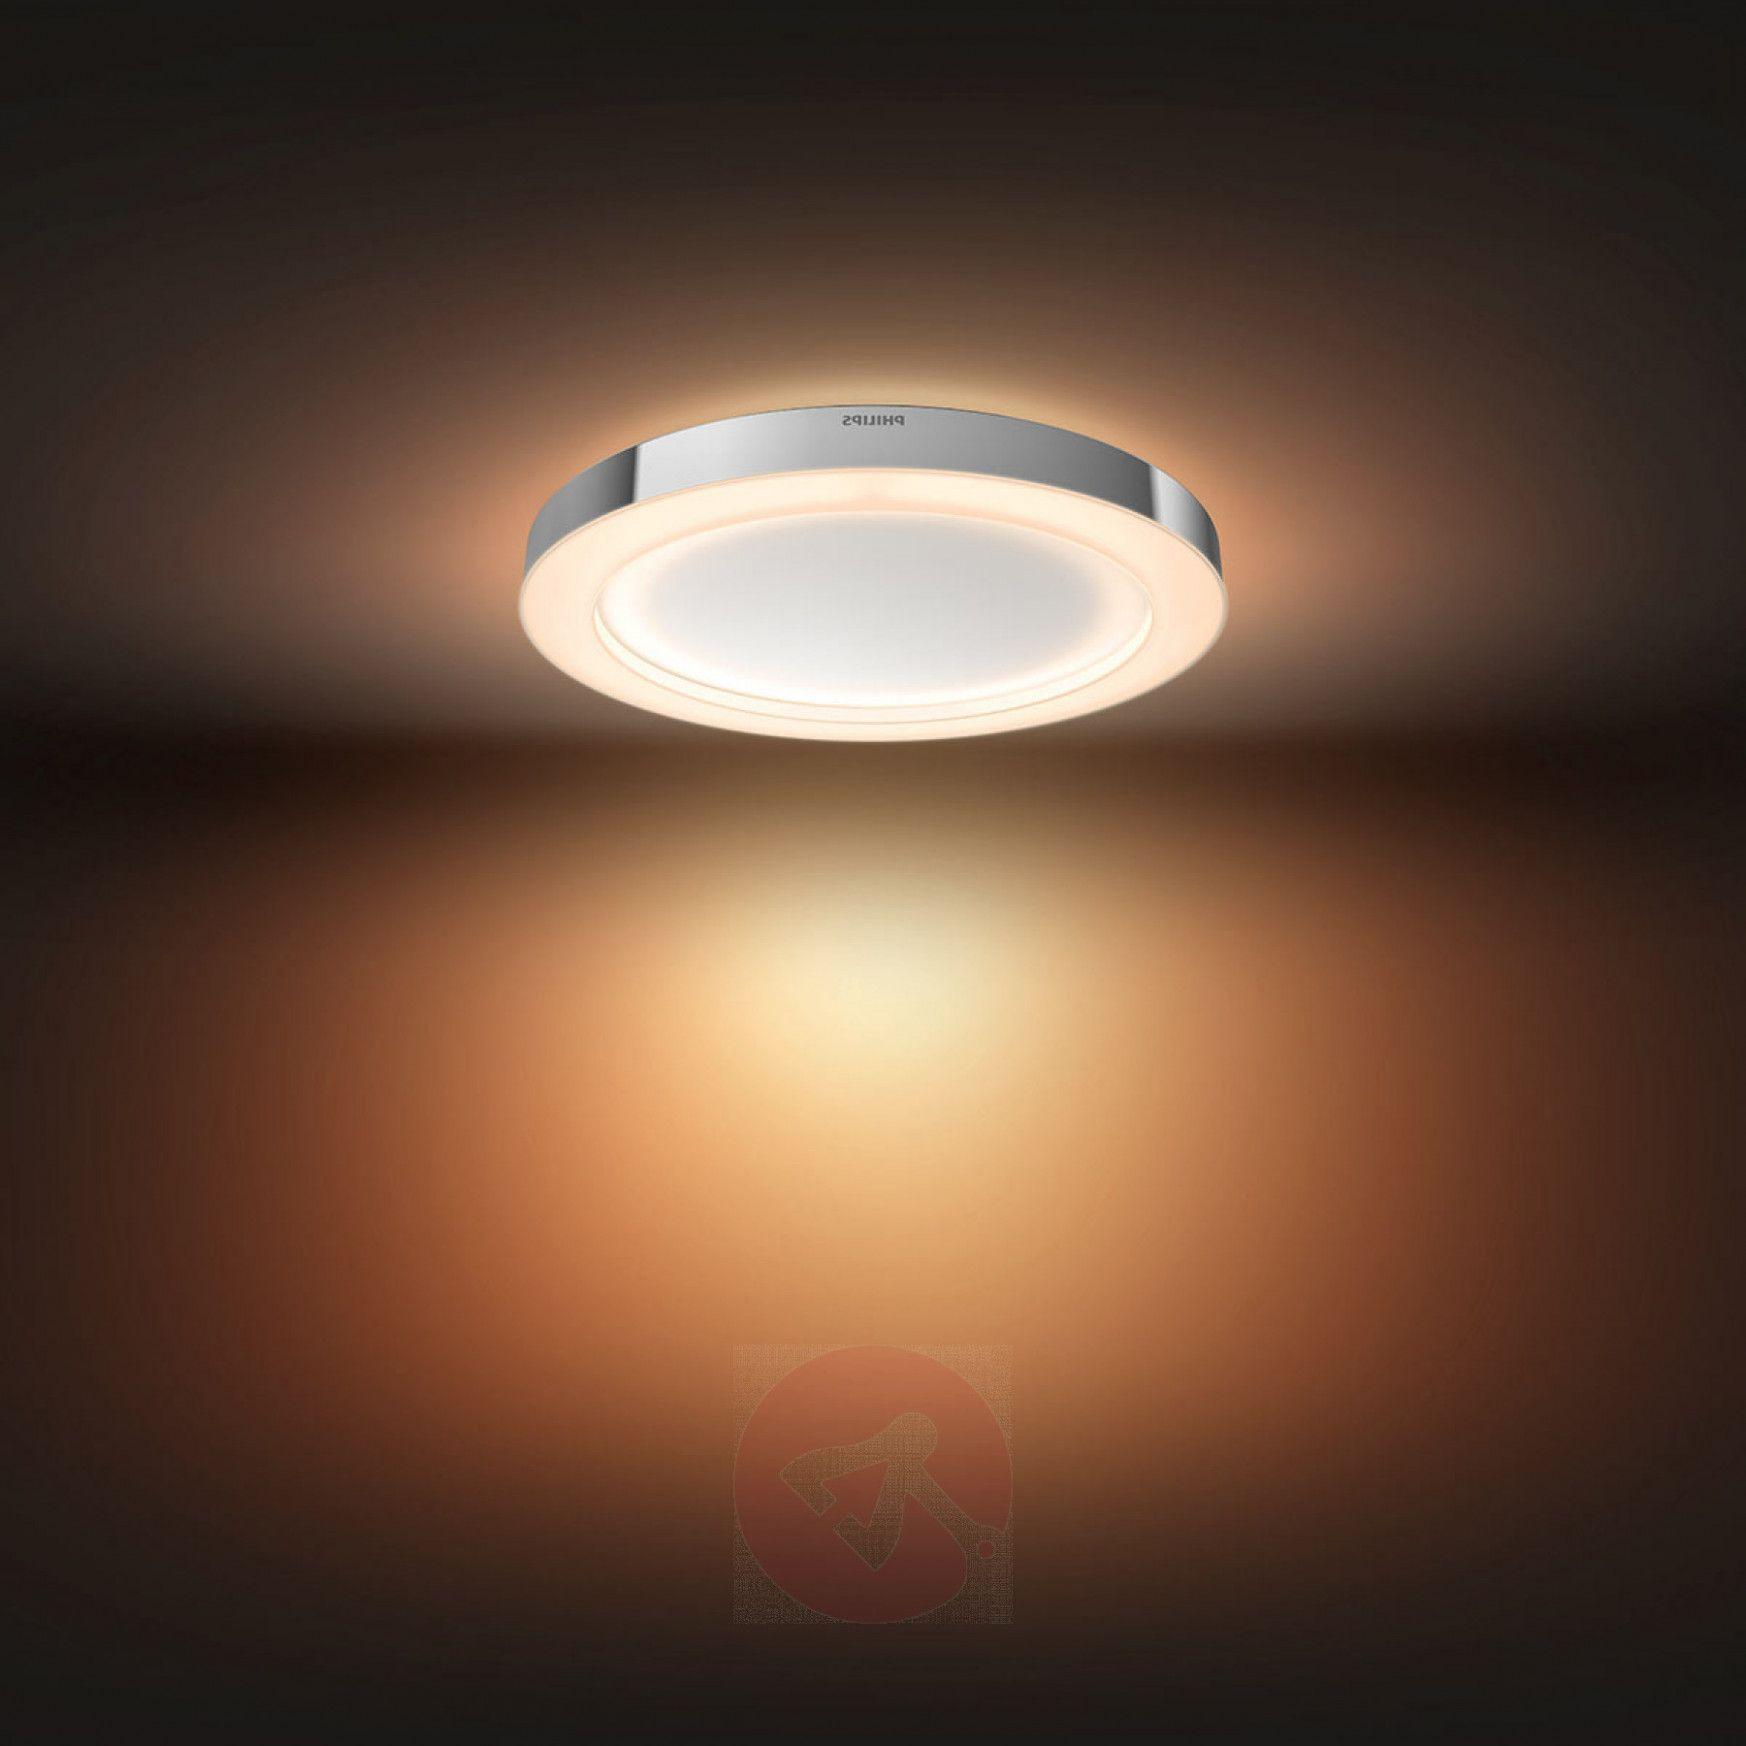 Wie Wird Philips Badezimmer Lampe In Den Nachsten 15 Jahren Aussehen Badezimmer Ideen Schone Schlafzimmer Schlafzimmer Einrichten Duschraum